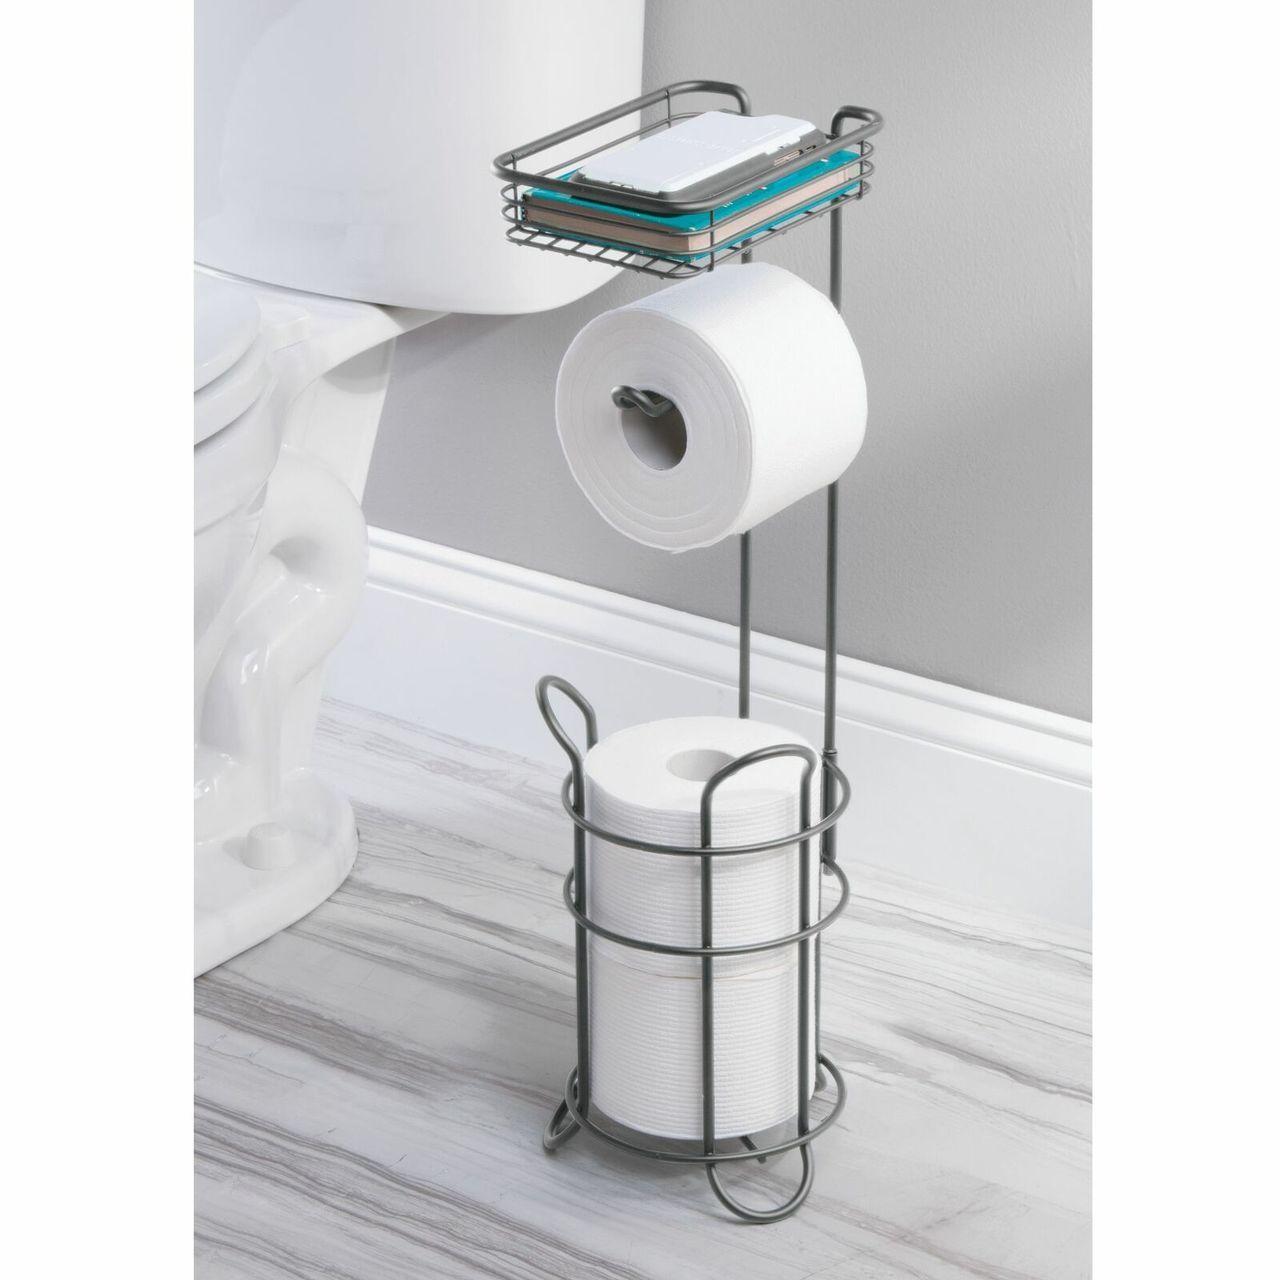 Toilet Tissue Paper Roll Dispenser Storage Shelf Toilet Paper Holder Toilet Paper Holder Stand Toilet Paper Roll Holder